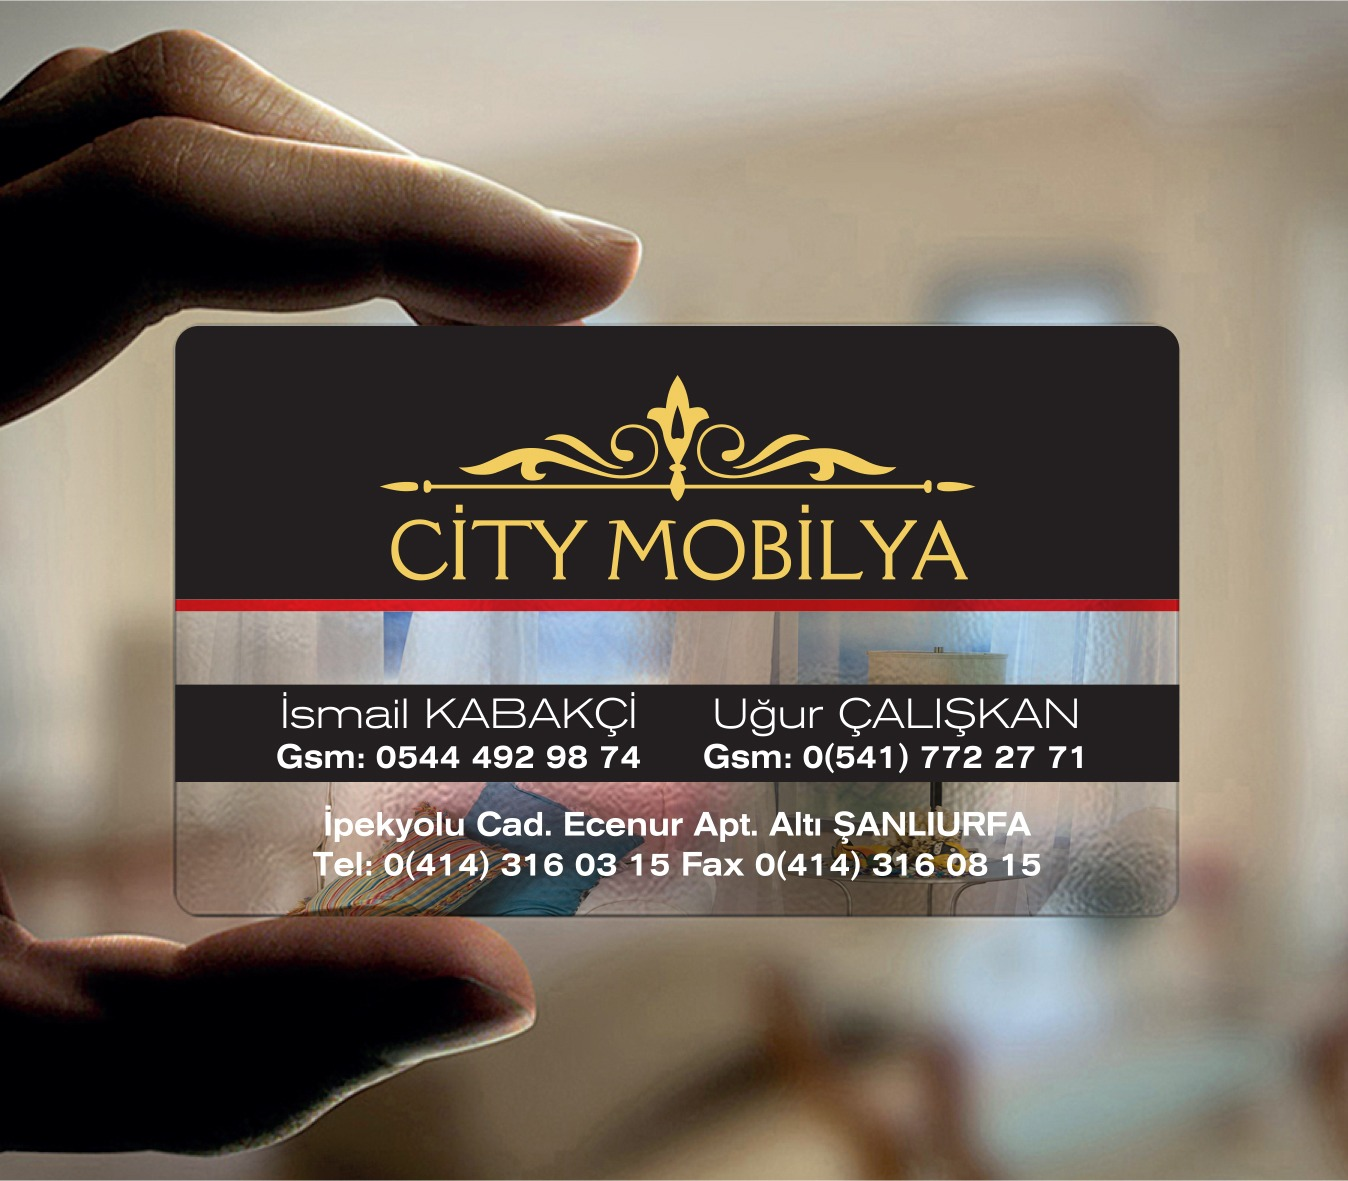 City Mobilya Şeffaf Kartvizit Tasarımı